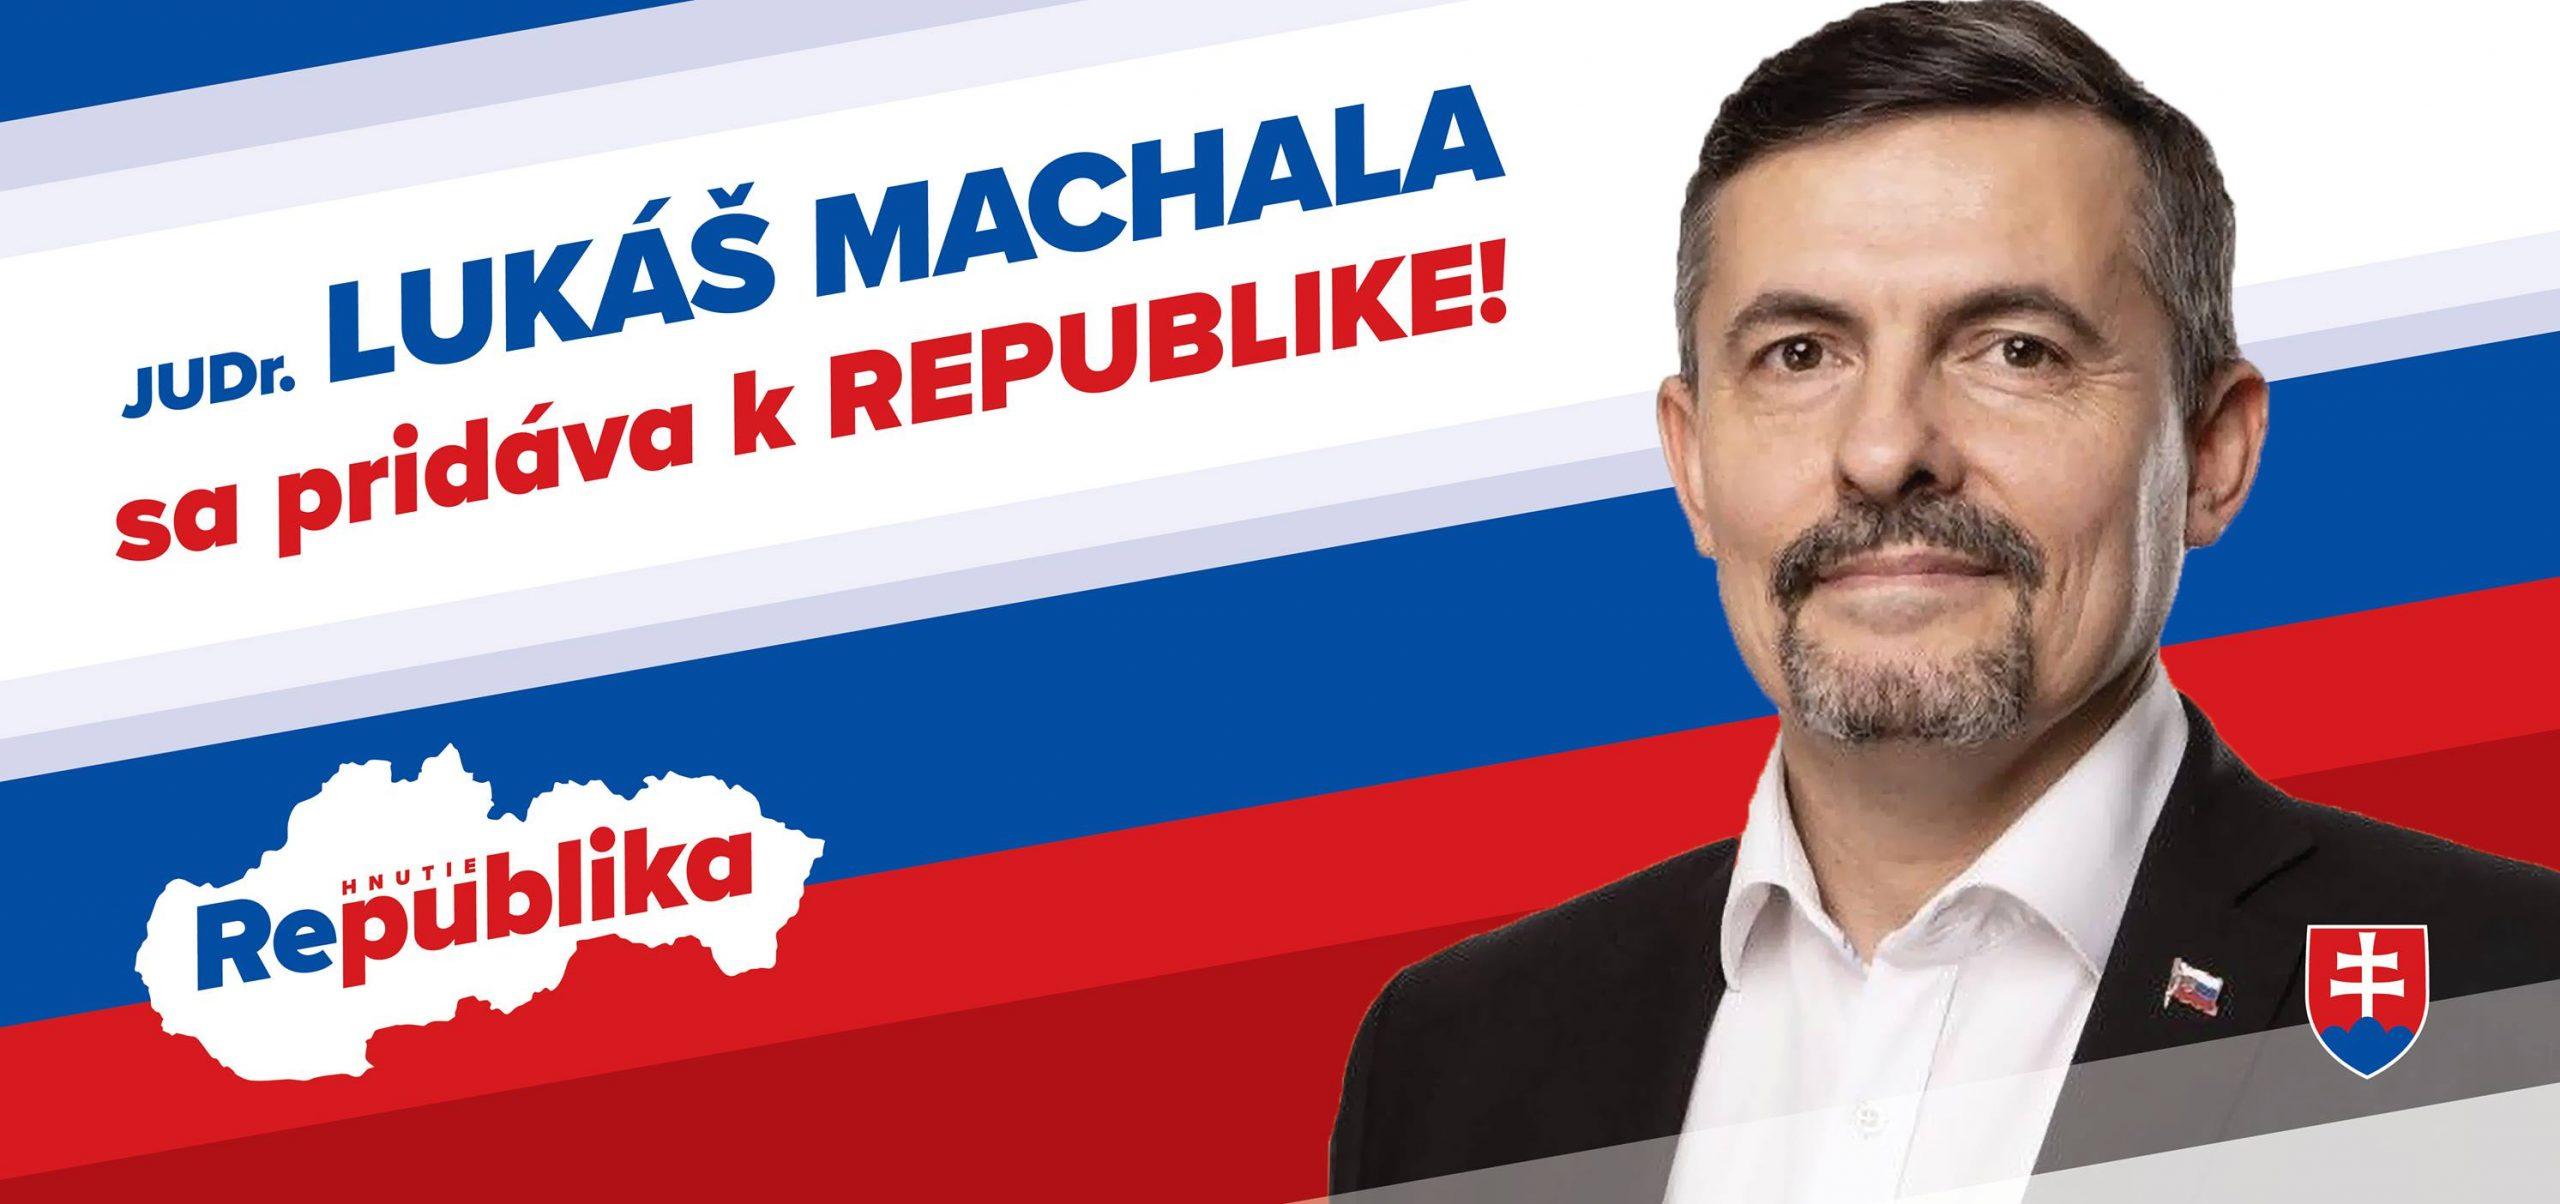 Voliči dlhodobo volajú po spájaní vlasteneckých síl avytvorení slušnej pronárodnej strany, ktorá nebude odsúdená na večnú izoláciu. Od začiatku platí, že sa neuzatvárame do seba, ba práve naopak. Unás má dvere otvorené naozaj každý, komu na Slovensku skutočne záleží a neváha po našom boku bojovať za lepšie zajtrajšky pre všetkých Slovákov a Slovenky. Dôkazom toho […]